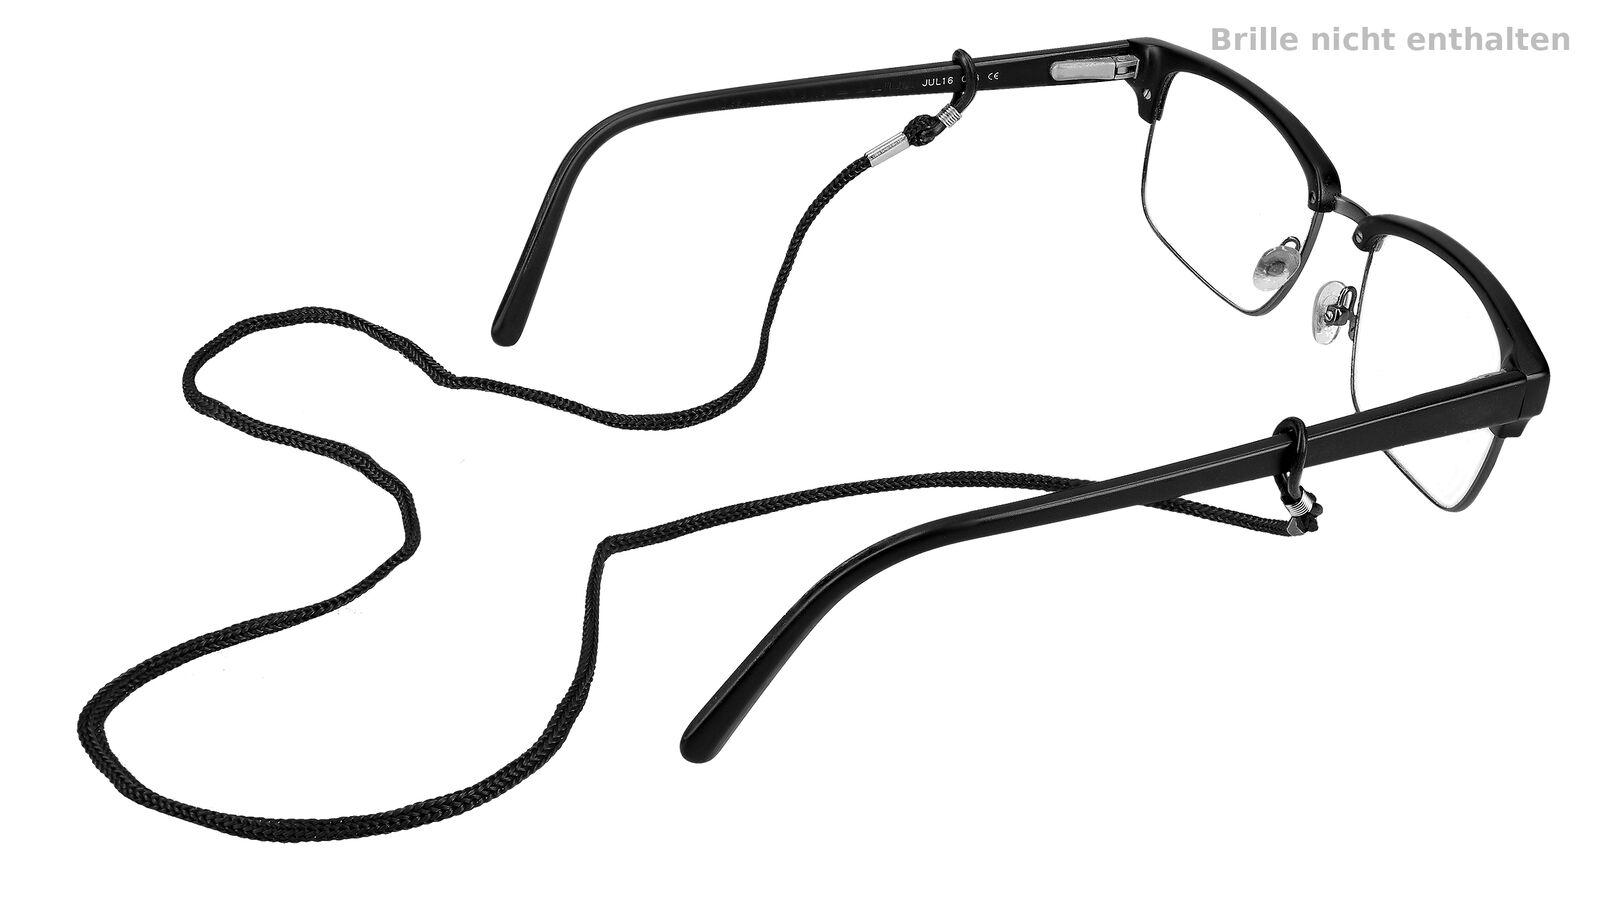 Brillenbänder Brillenband Brillenkordel Brillenschnur Brillenkette Brillen Band